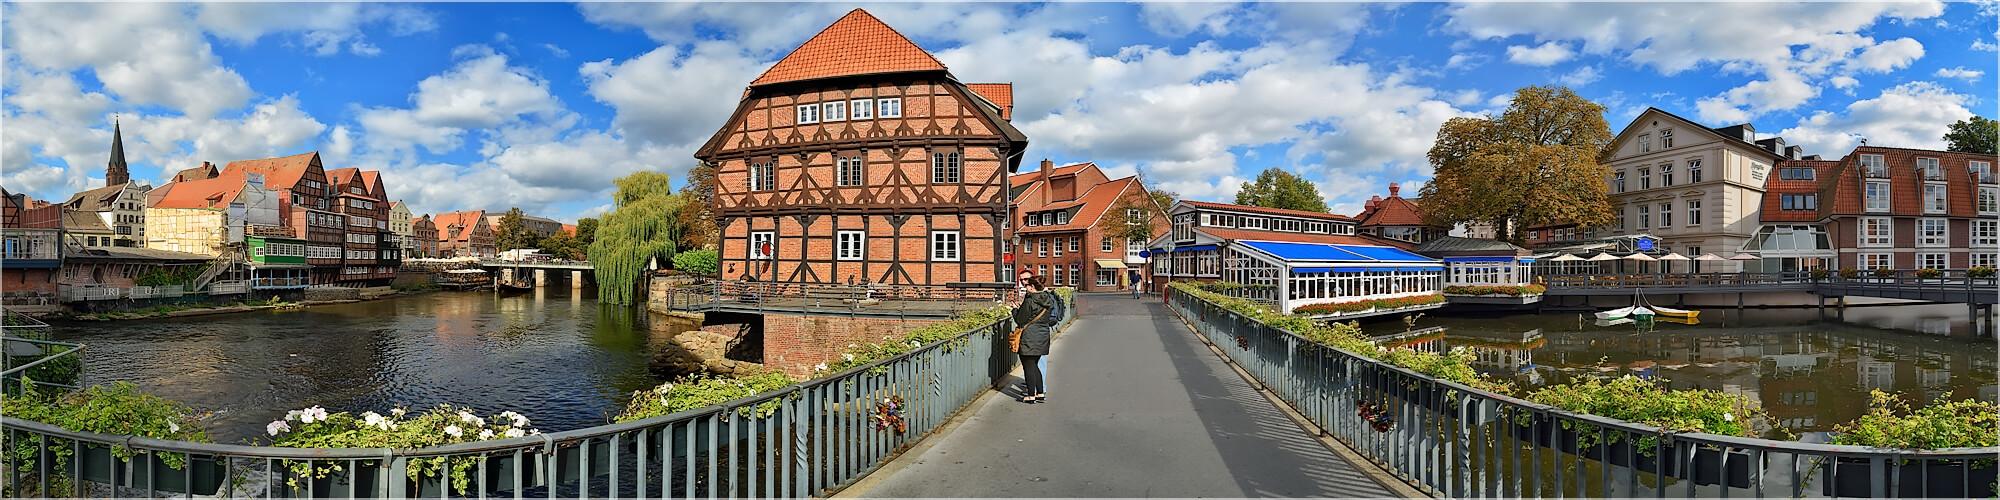 Panoramabild Lüneburg im Wasserviertel